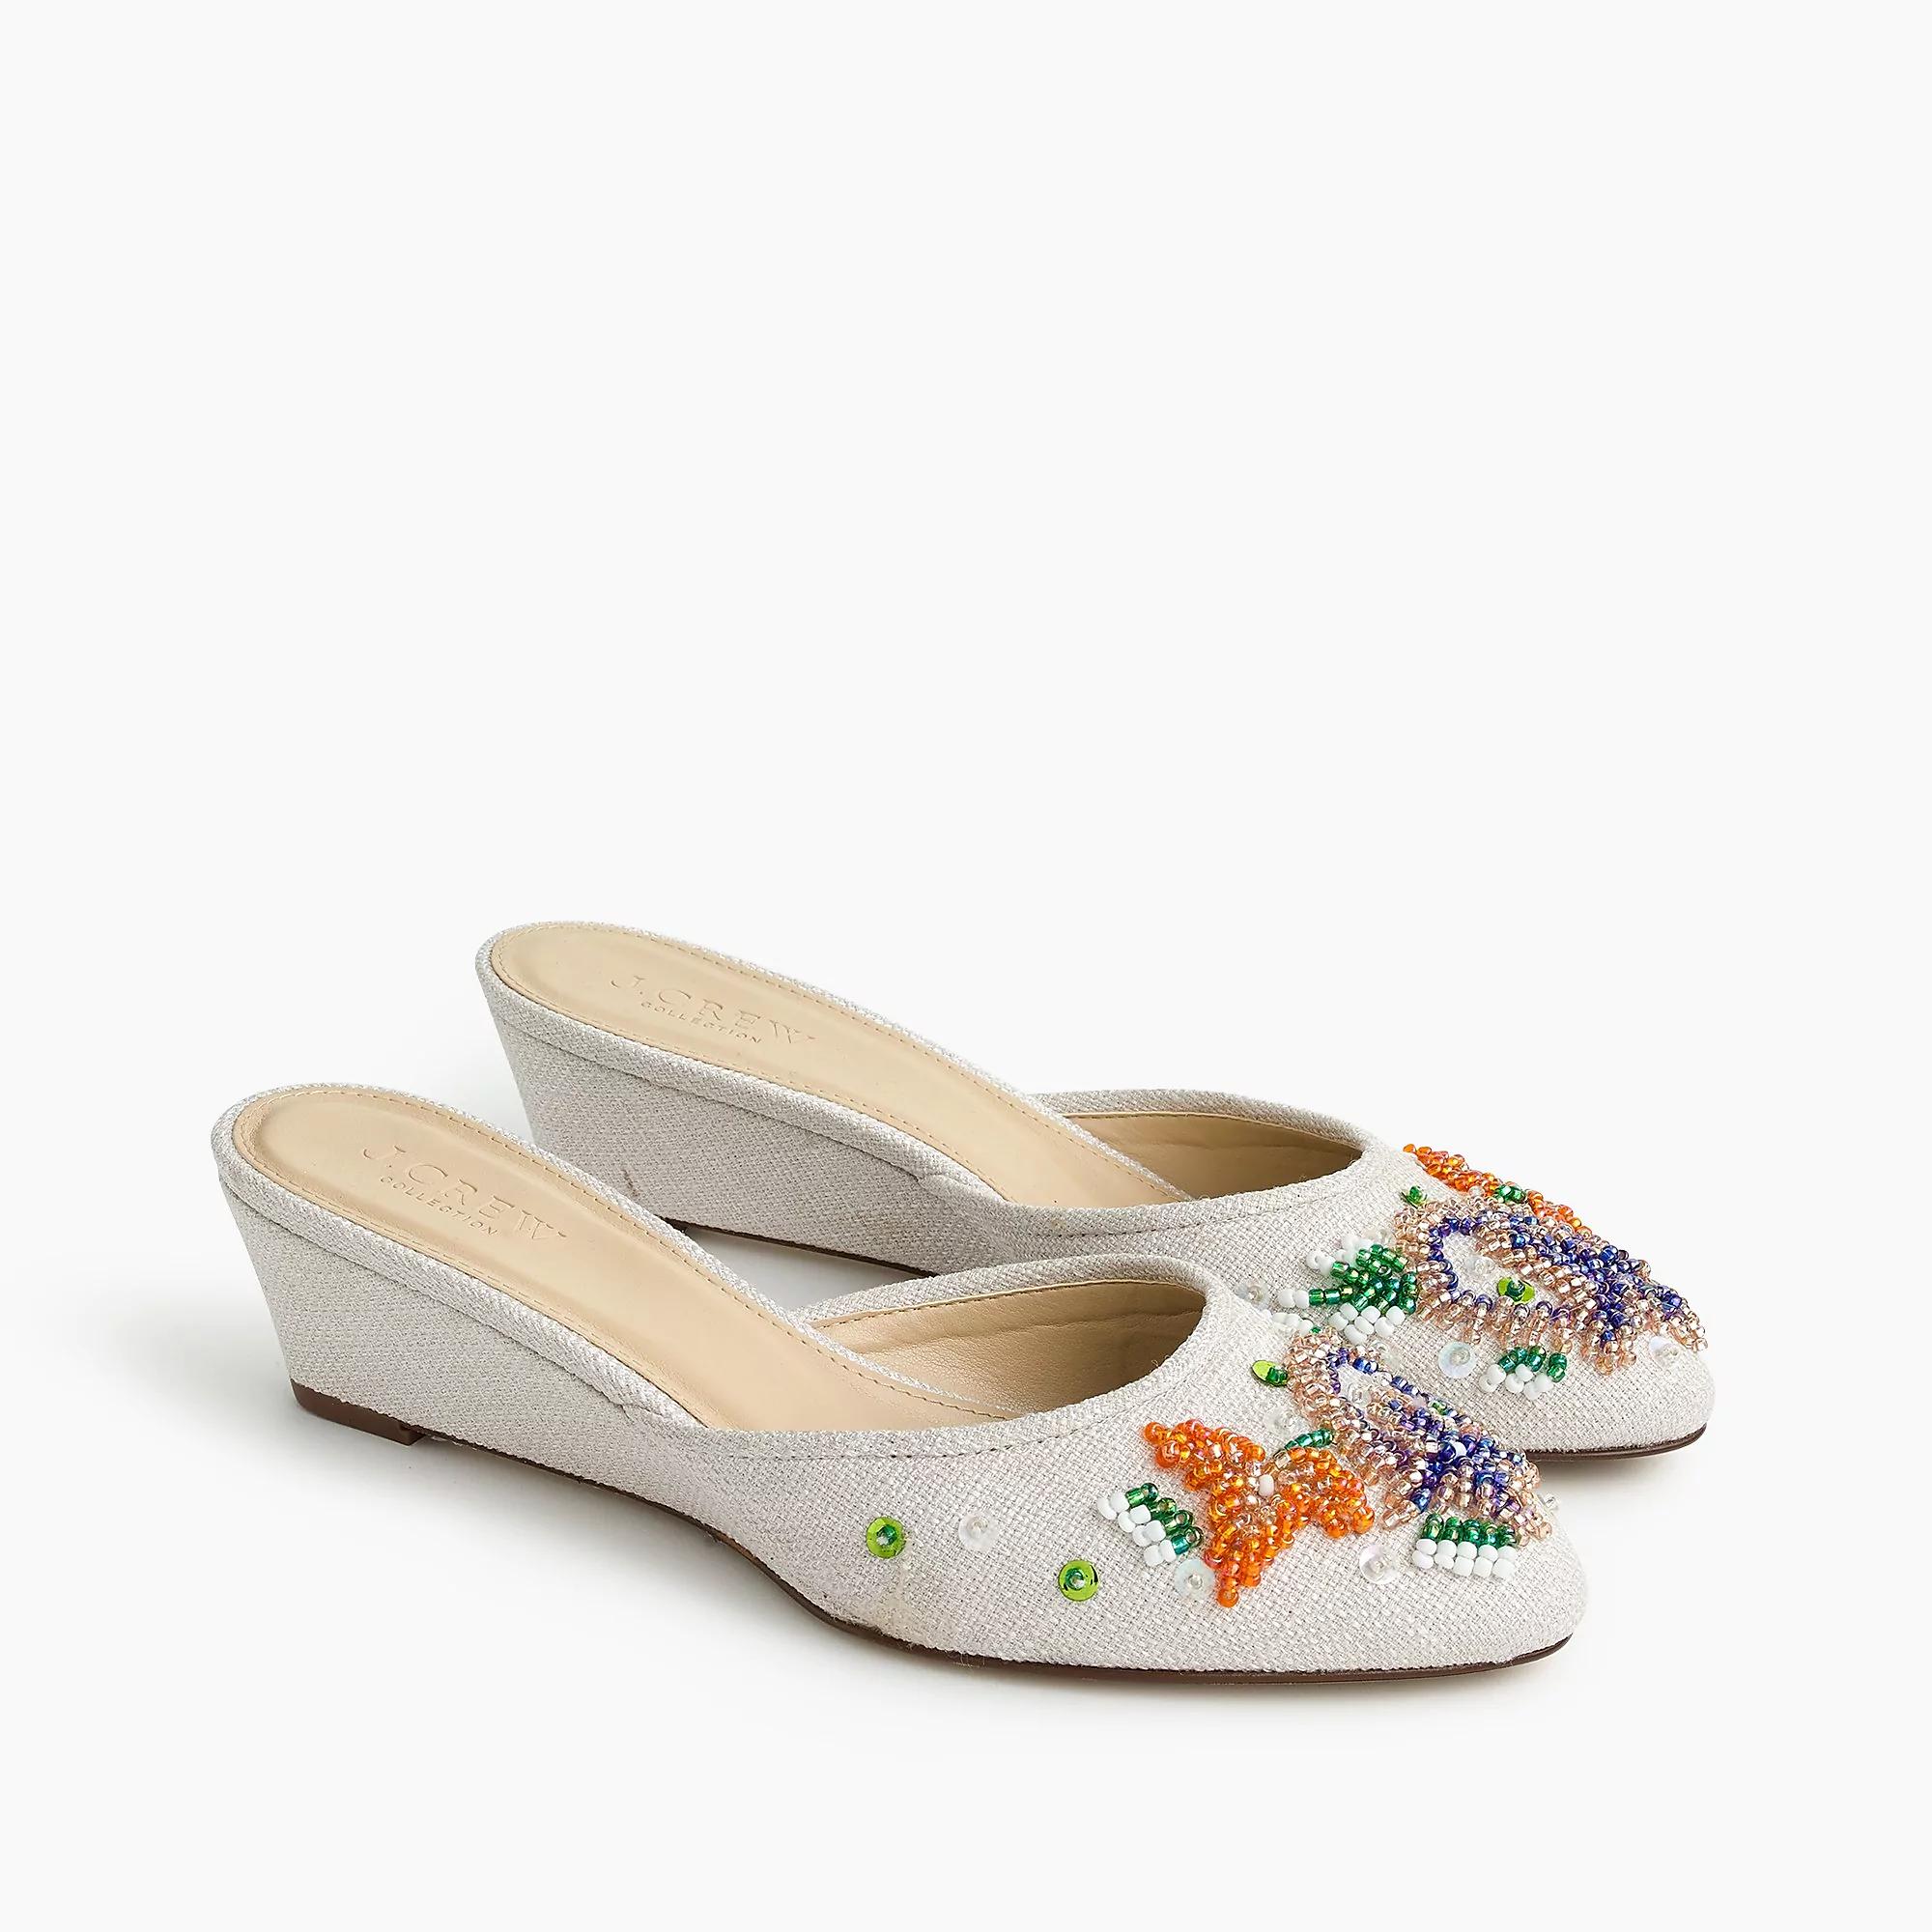 comfort c s peep women flat nordstrom sandals comforter scholl wedge womens comfortable dr toe